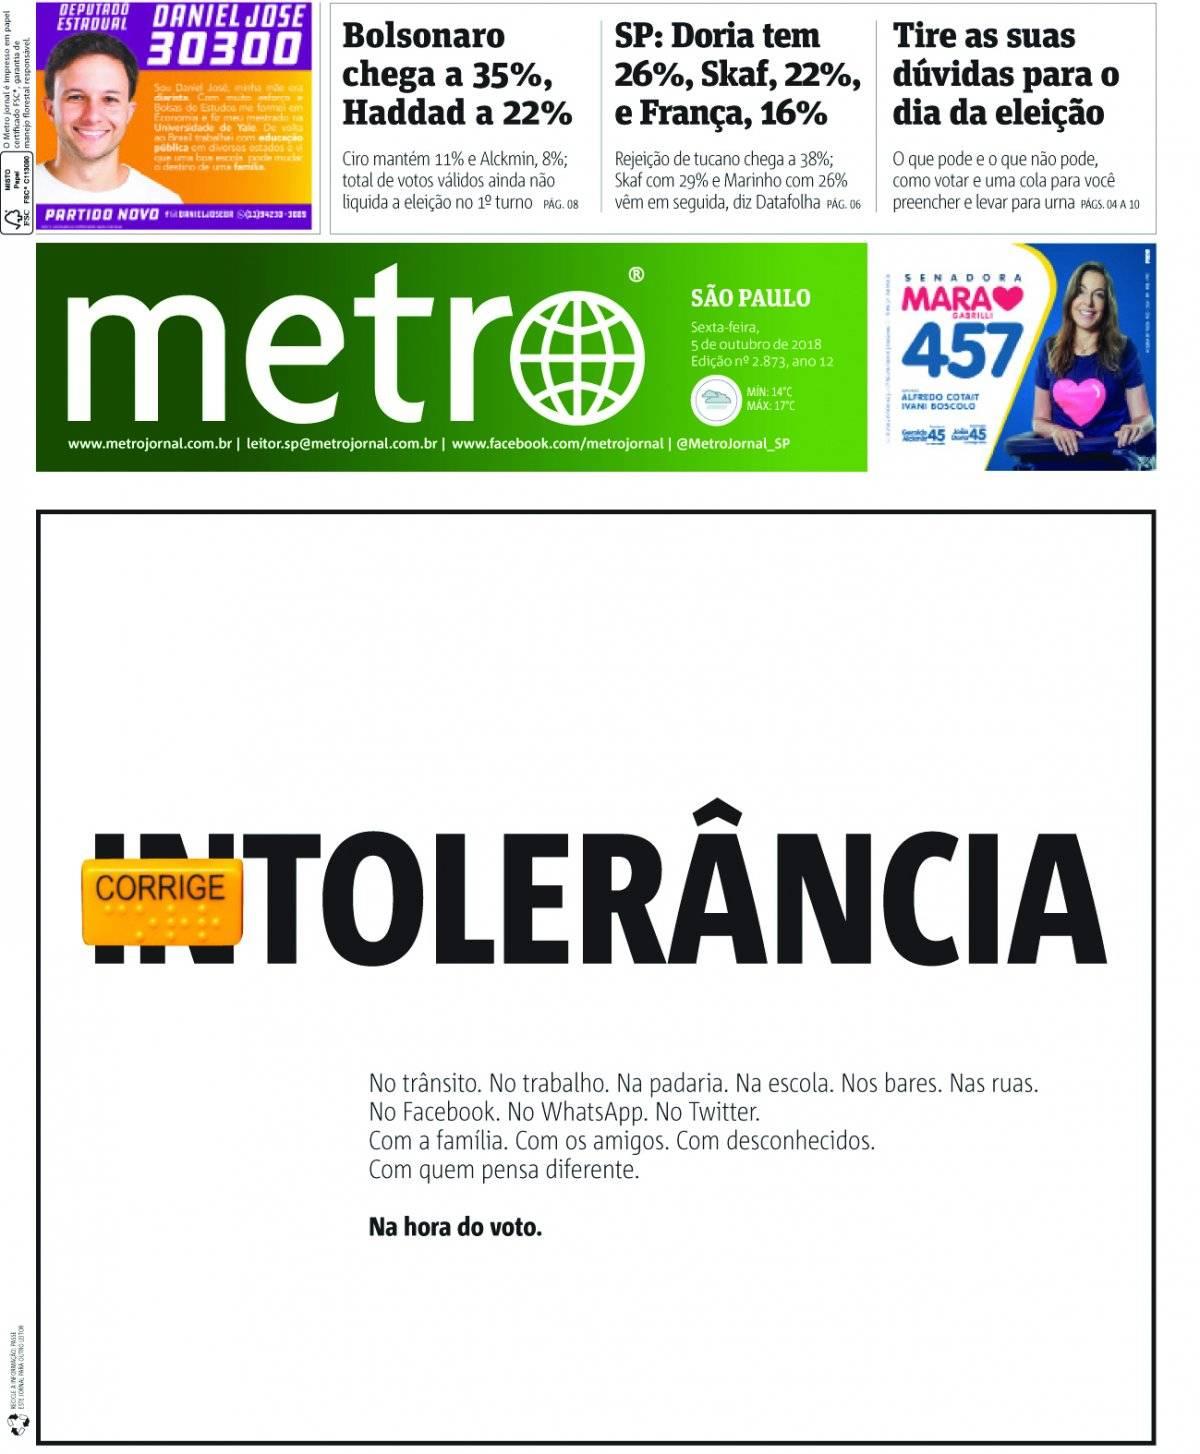 5 de outubro. A eleição que culminou com a vitória de Jair Bolsonaro dominou o noticiário no segundo semestre